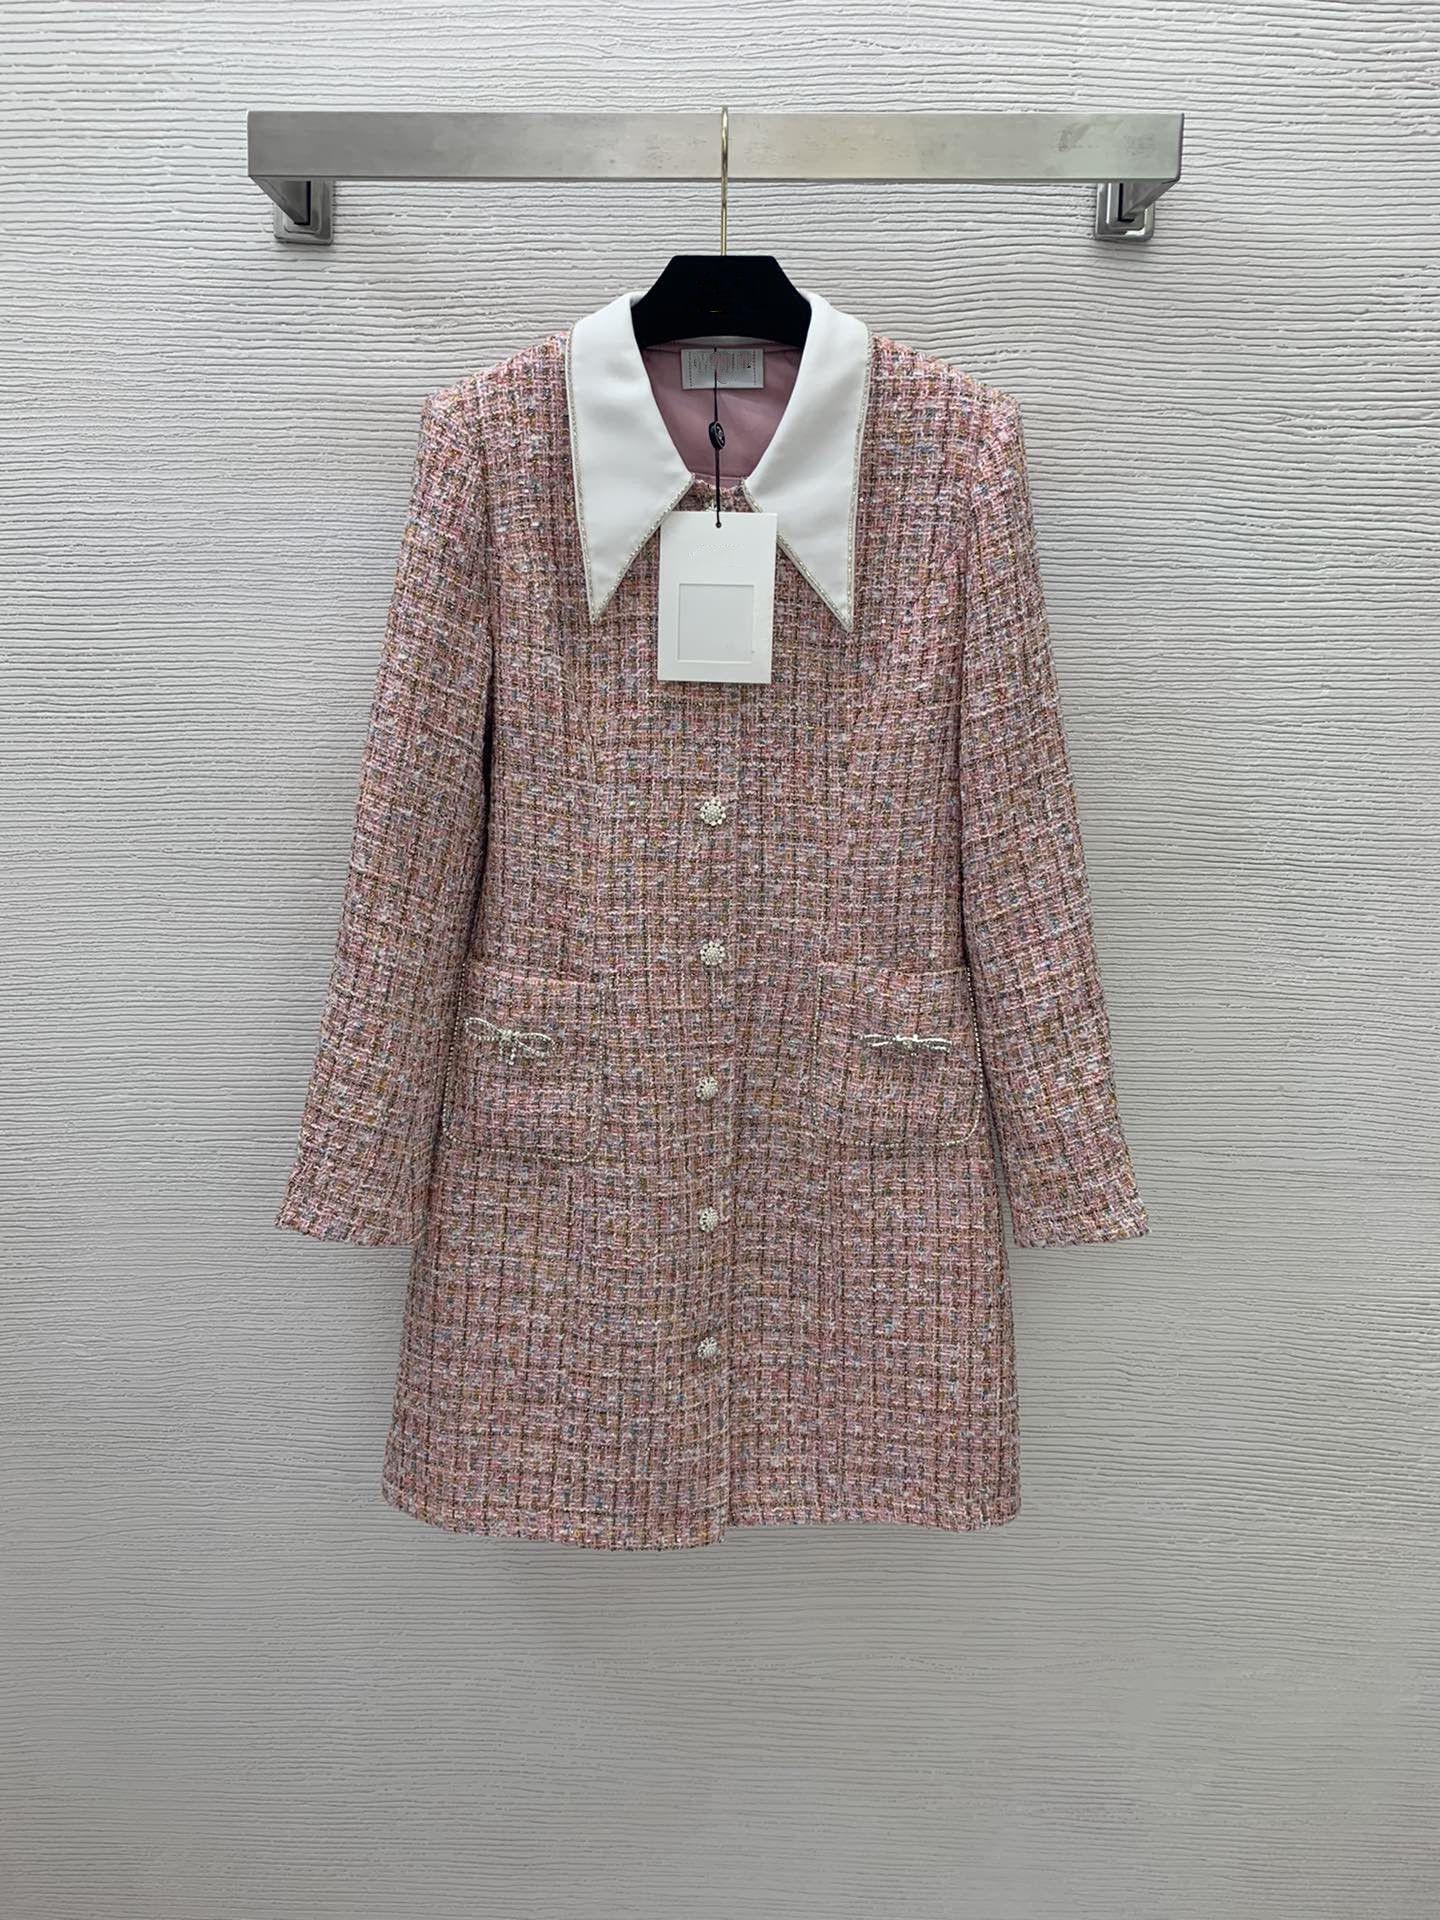 Milan pist ceketler 2021 sonbahar kış yaka boyun uzun kollu panelli kadın tasarımcı kazak markası aynı stil dış giyim 0904-2